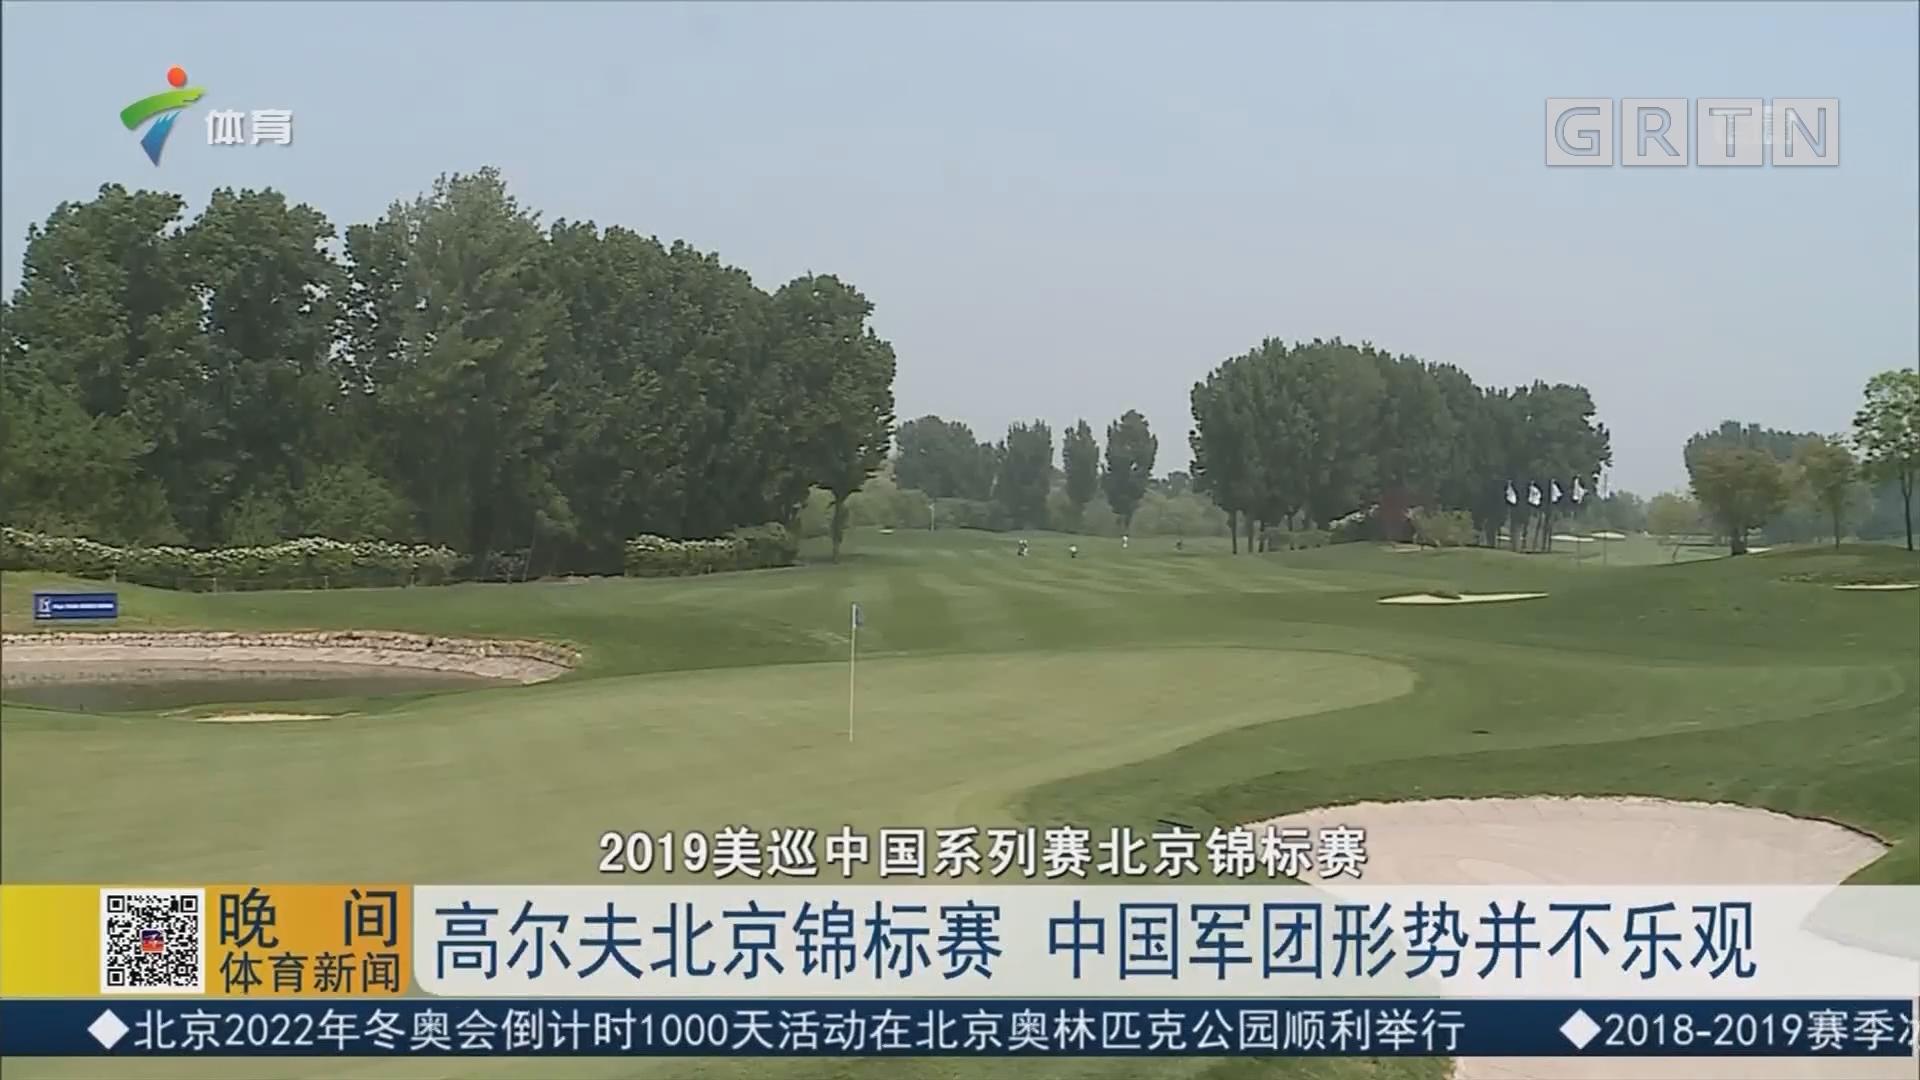 高尔夫北京锦标赛 中国军团形势并不乐观